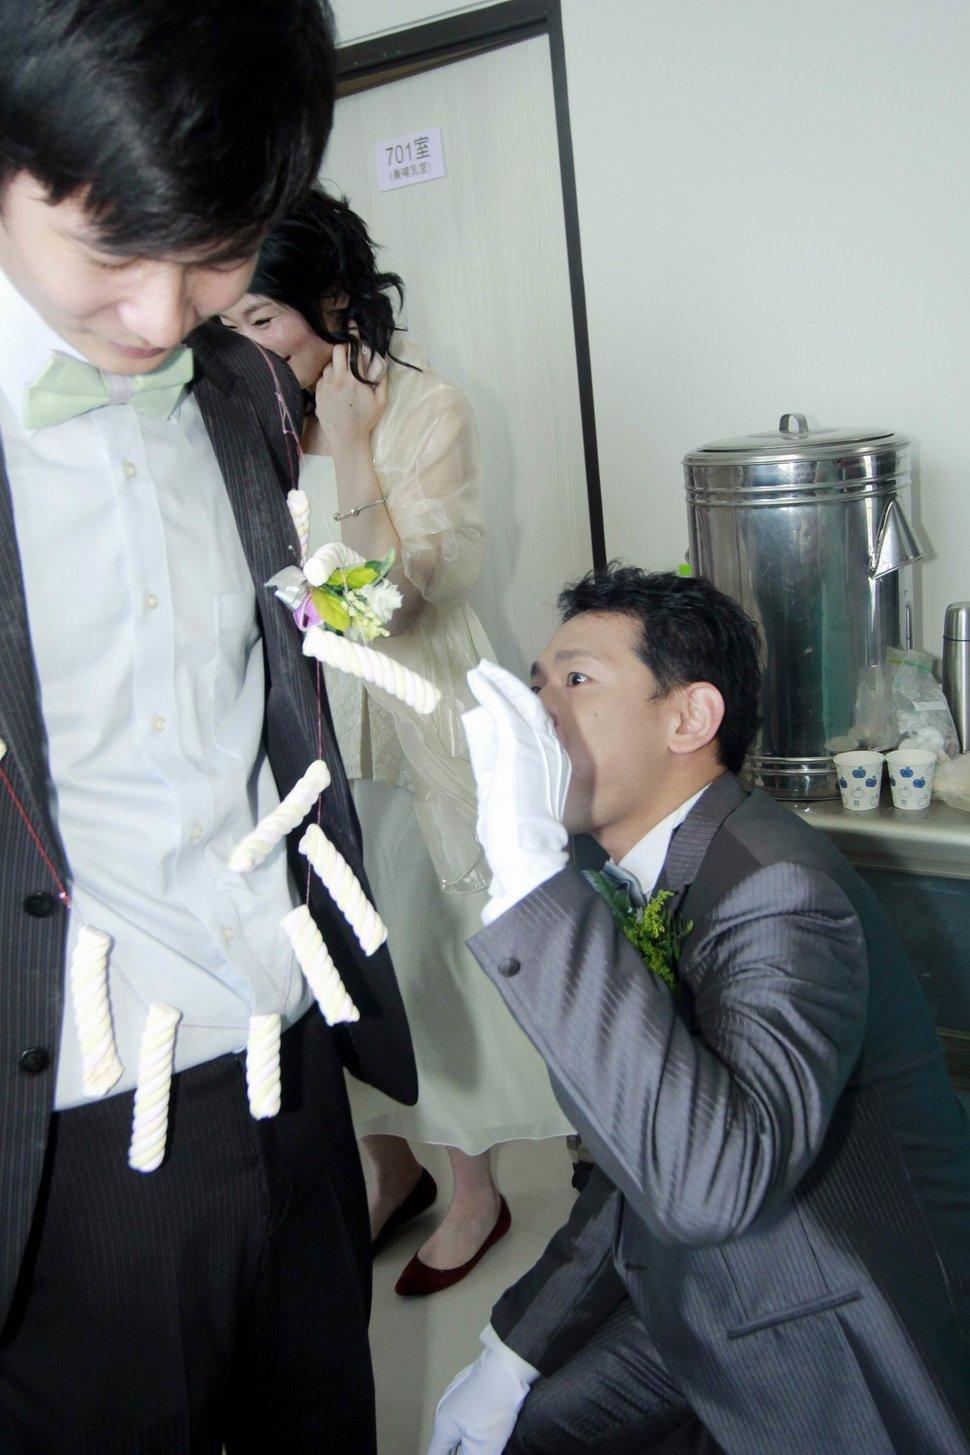 汐止那米哥餐廳婚宴會館餐廳婚攝j婚錄結婚迎娶婚禮記錄動態微電影錄影專業錄影平面攝影婚禮紀錄婚攝婚錄主持人(編號:280605) - 蜜月拍照10800錄影12800攝影團隊 - 結婚吧